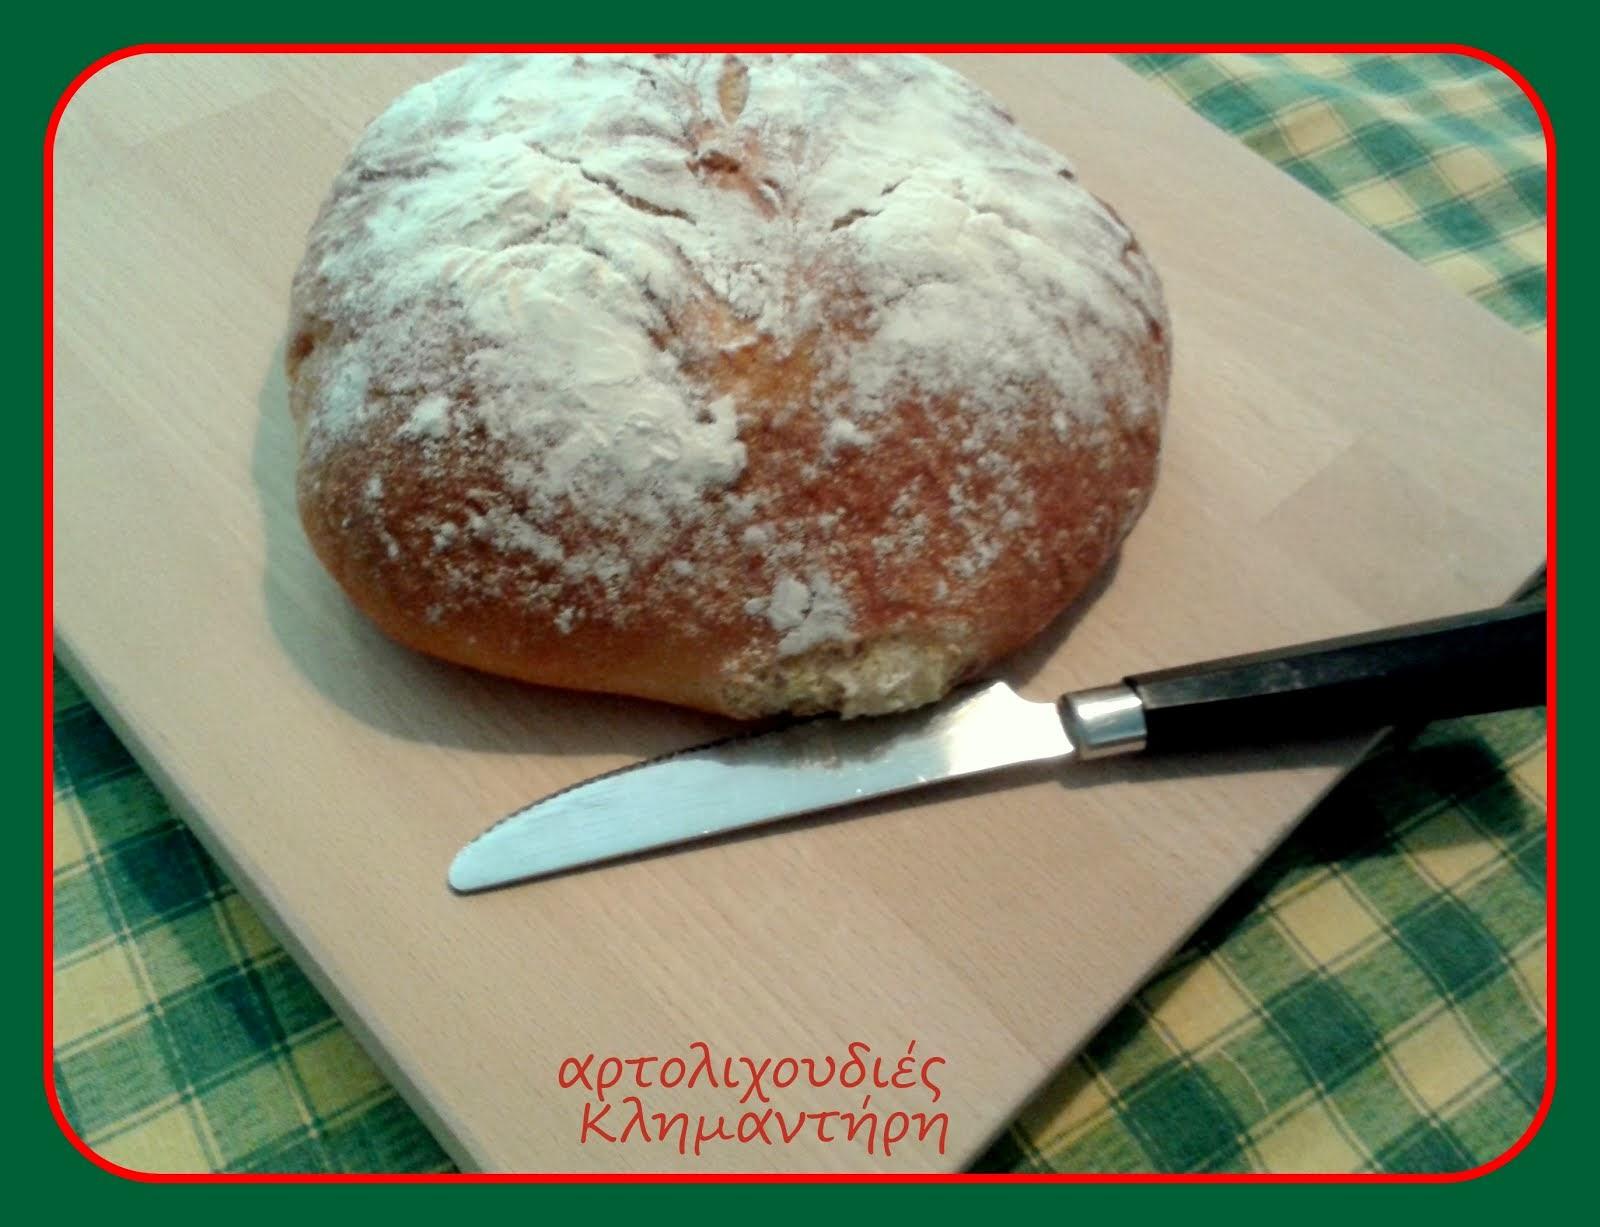 Μετσοβίτικο ψωμάκι!